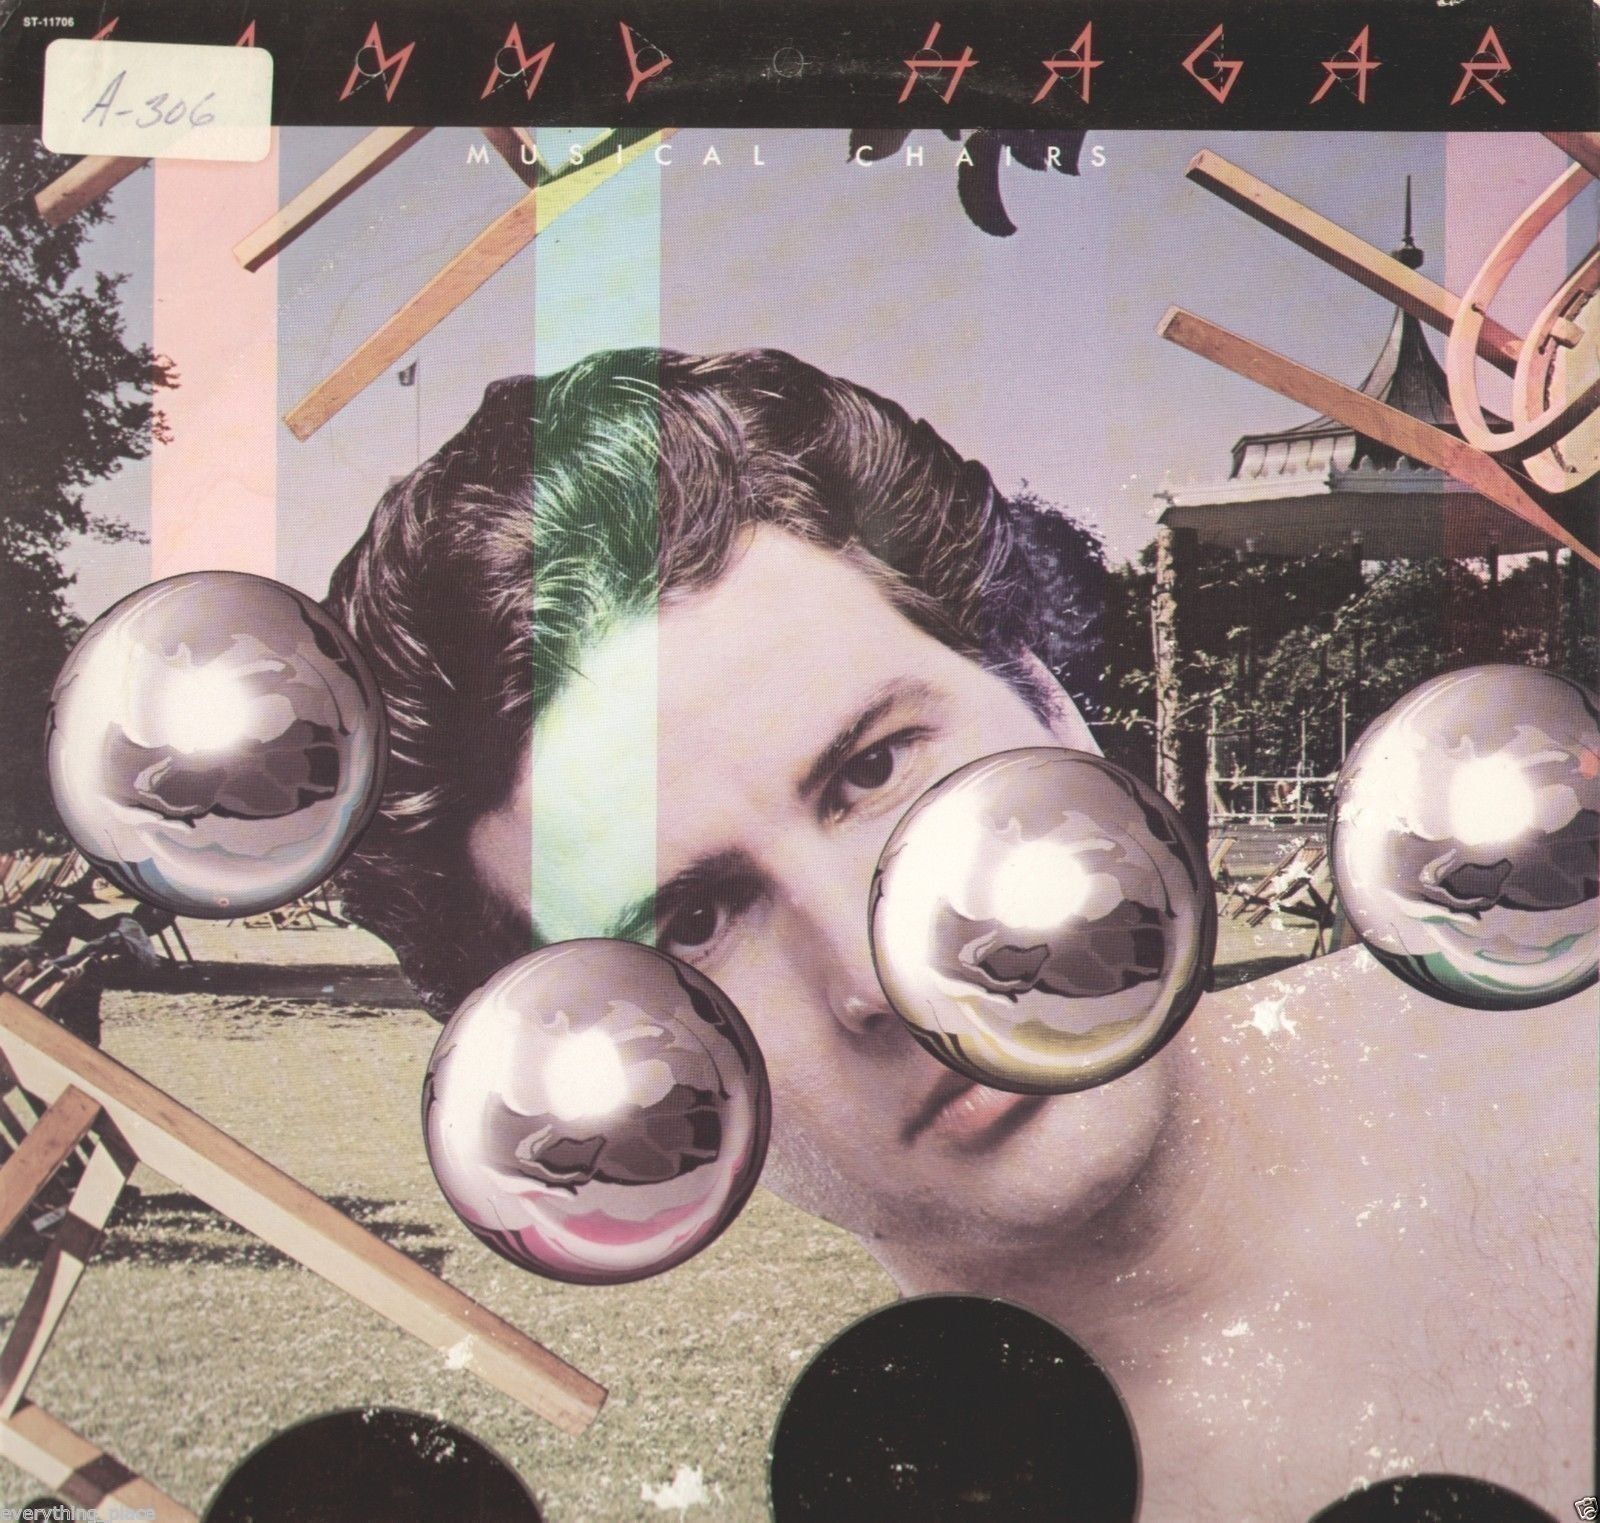 Sammy Hagar Musical Chairs Vinyl Lp Record Album Sammy Hagar Album Cover Art Musicals